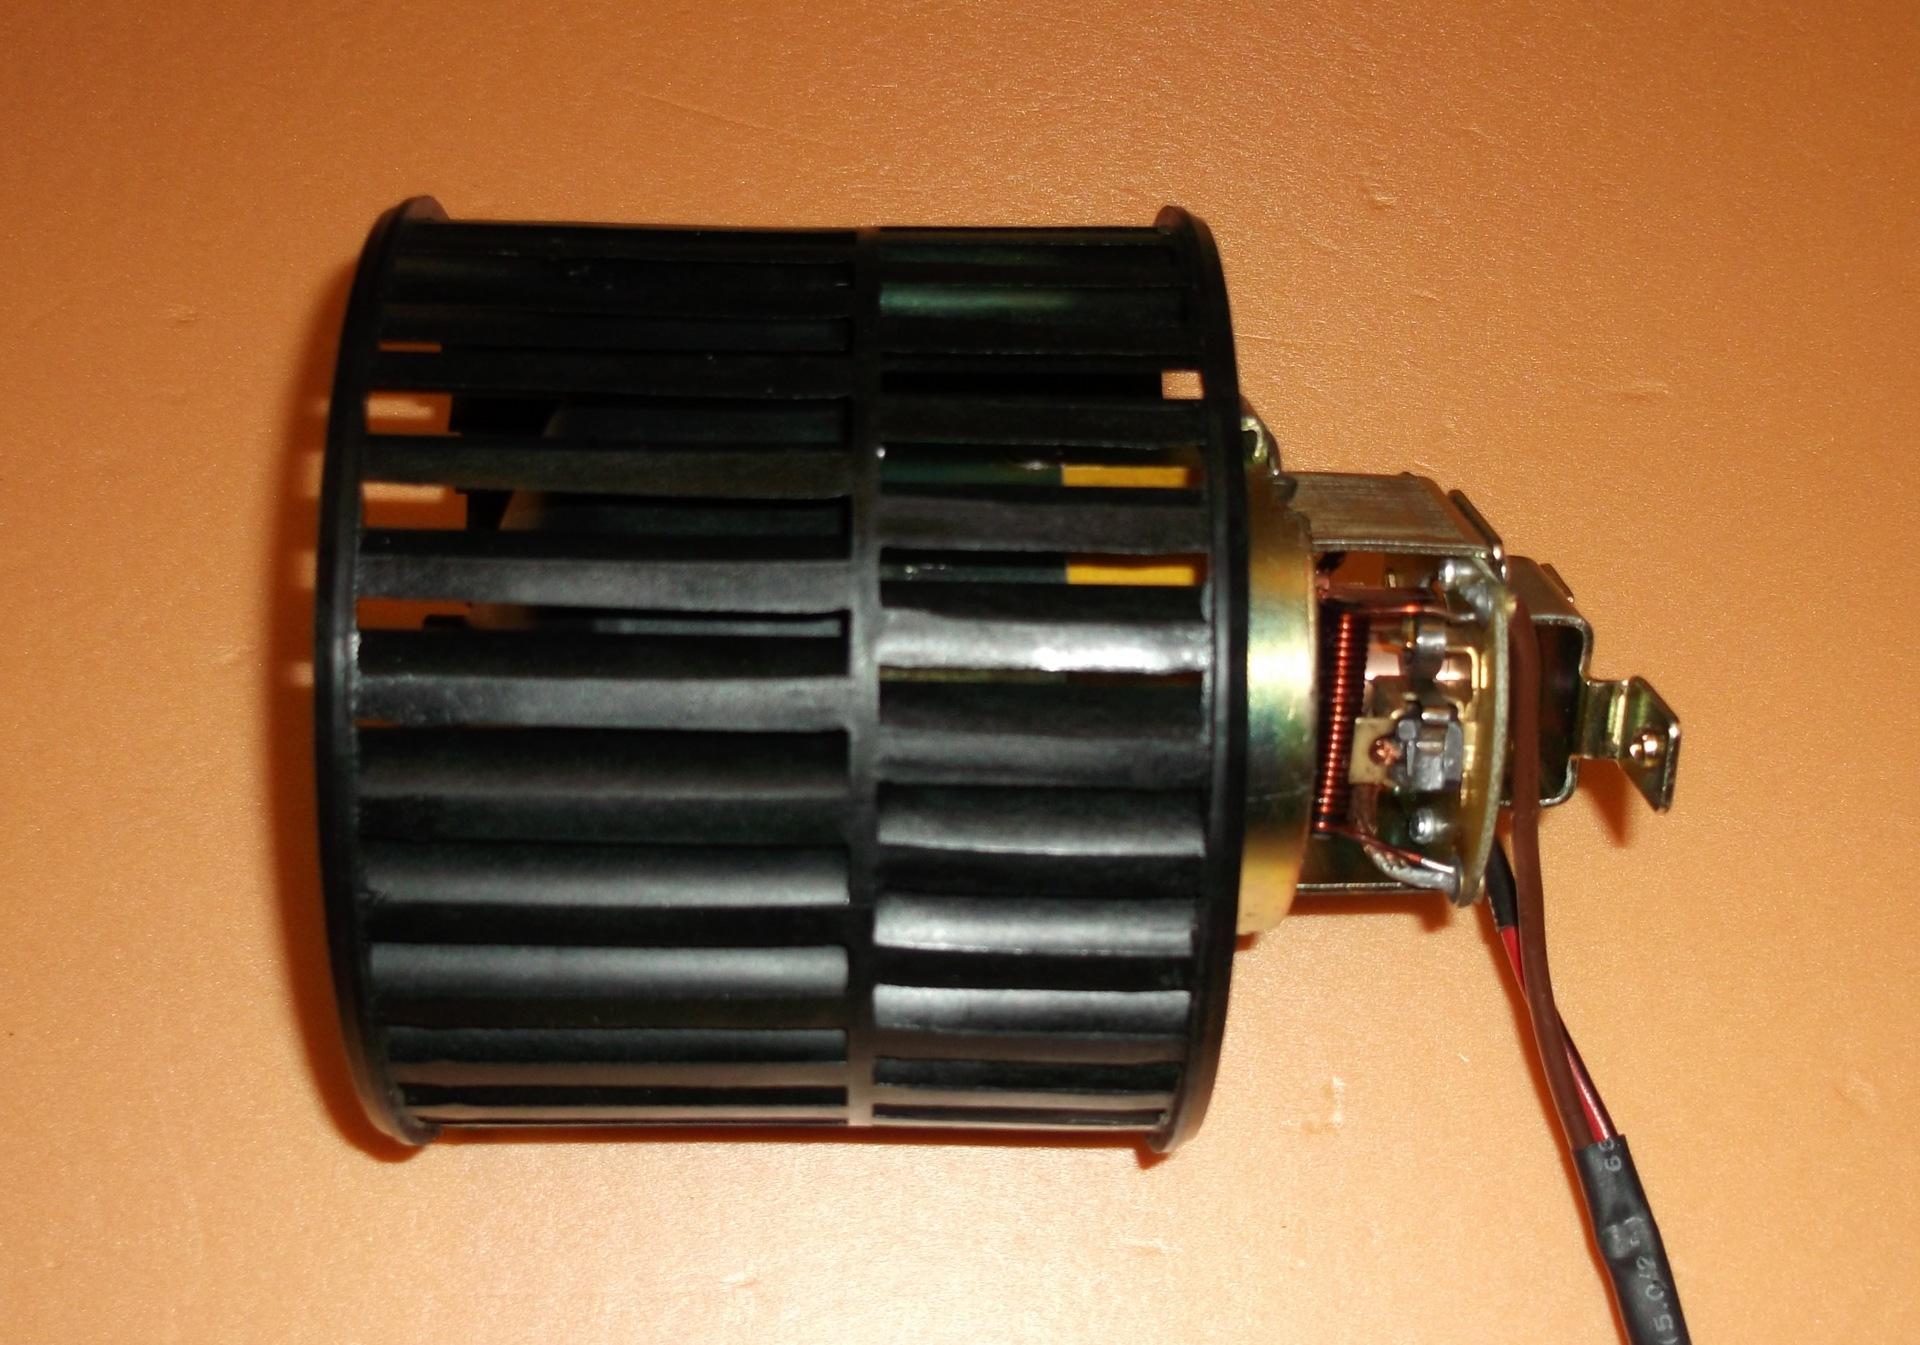 Вентилятор отопителя ВАЗ 21 8-99 как вытащить